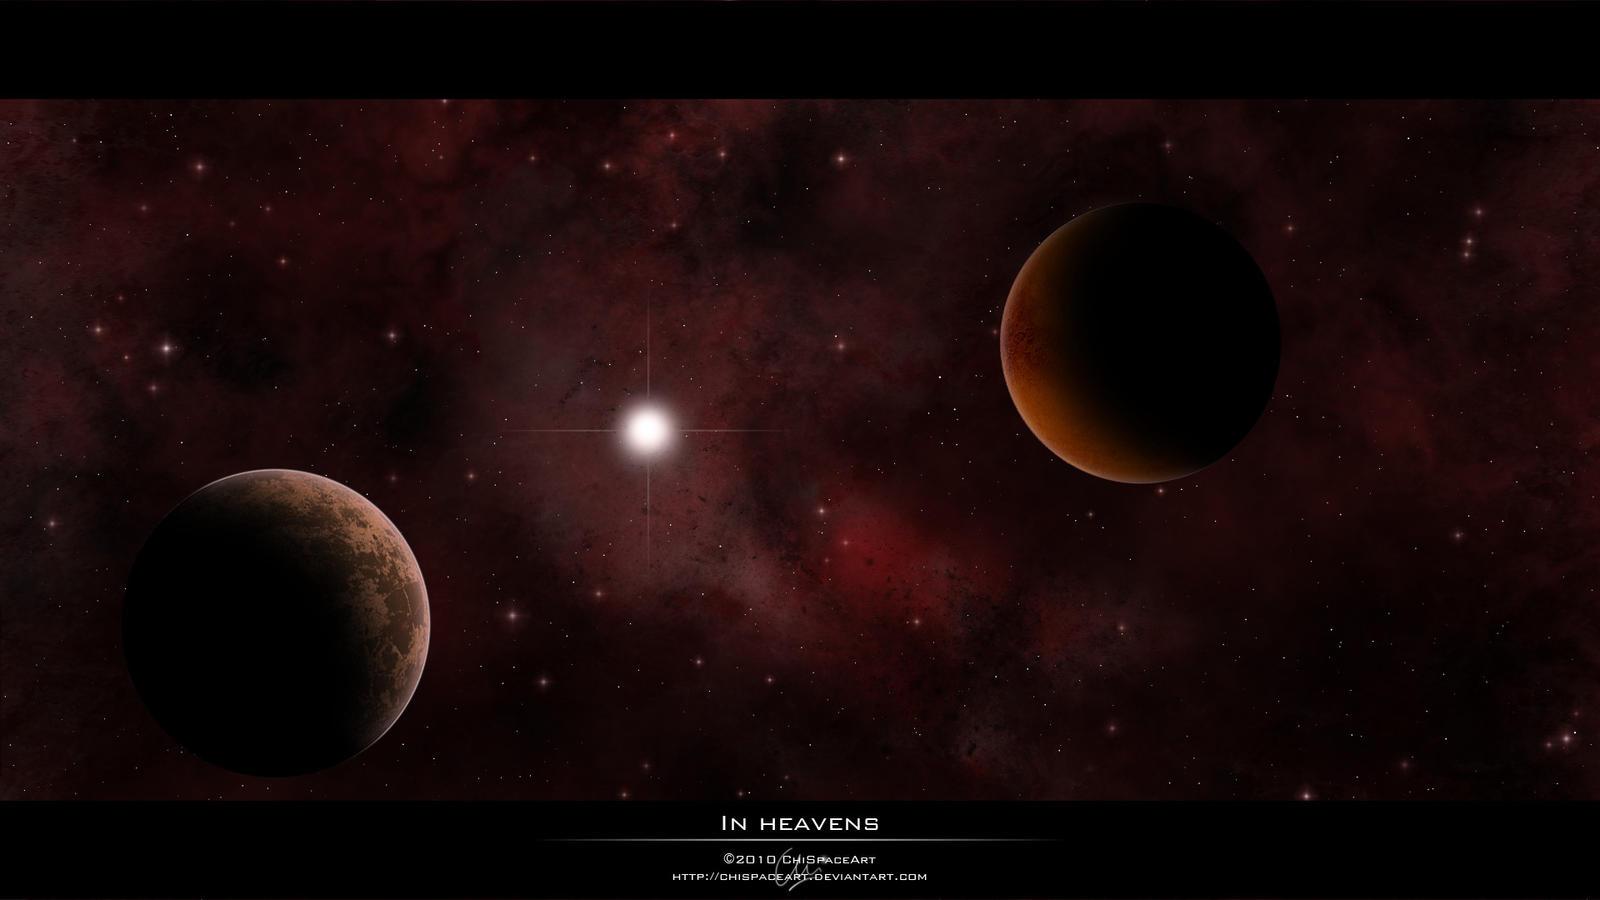 In Heavens by tommyvanklies